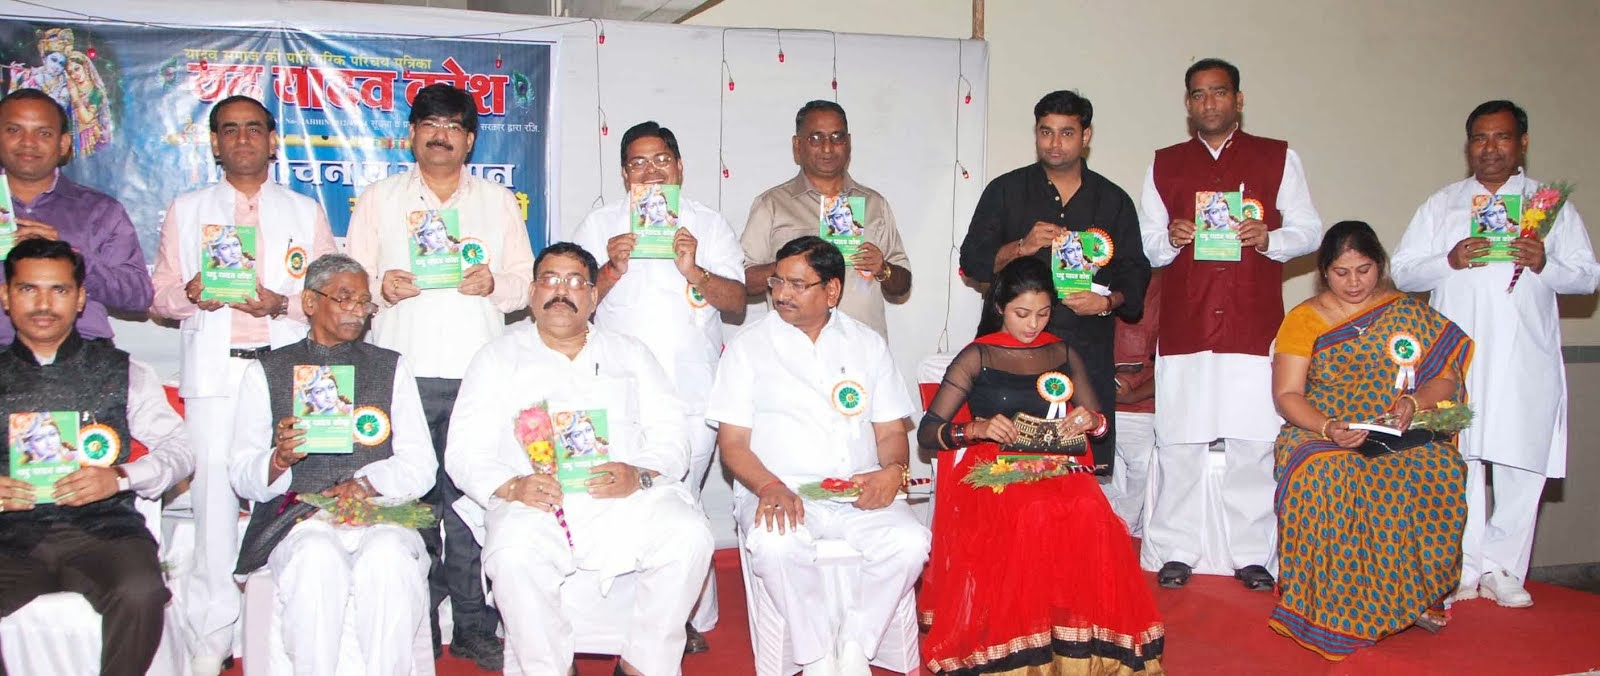 Yadu Yadav Kosh Vimochan 2014